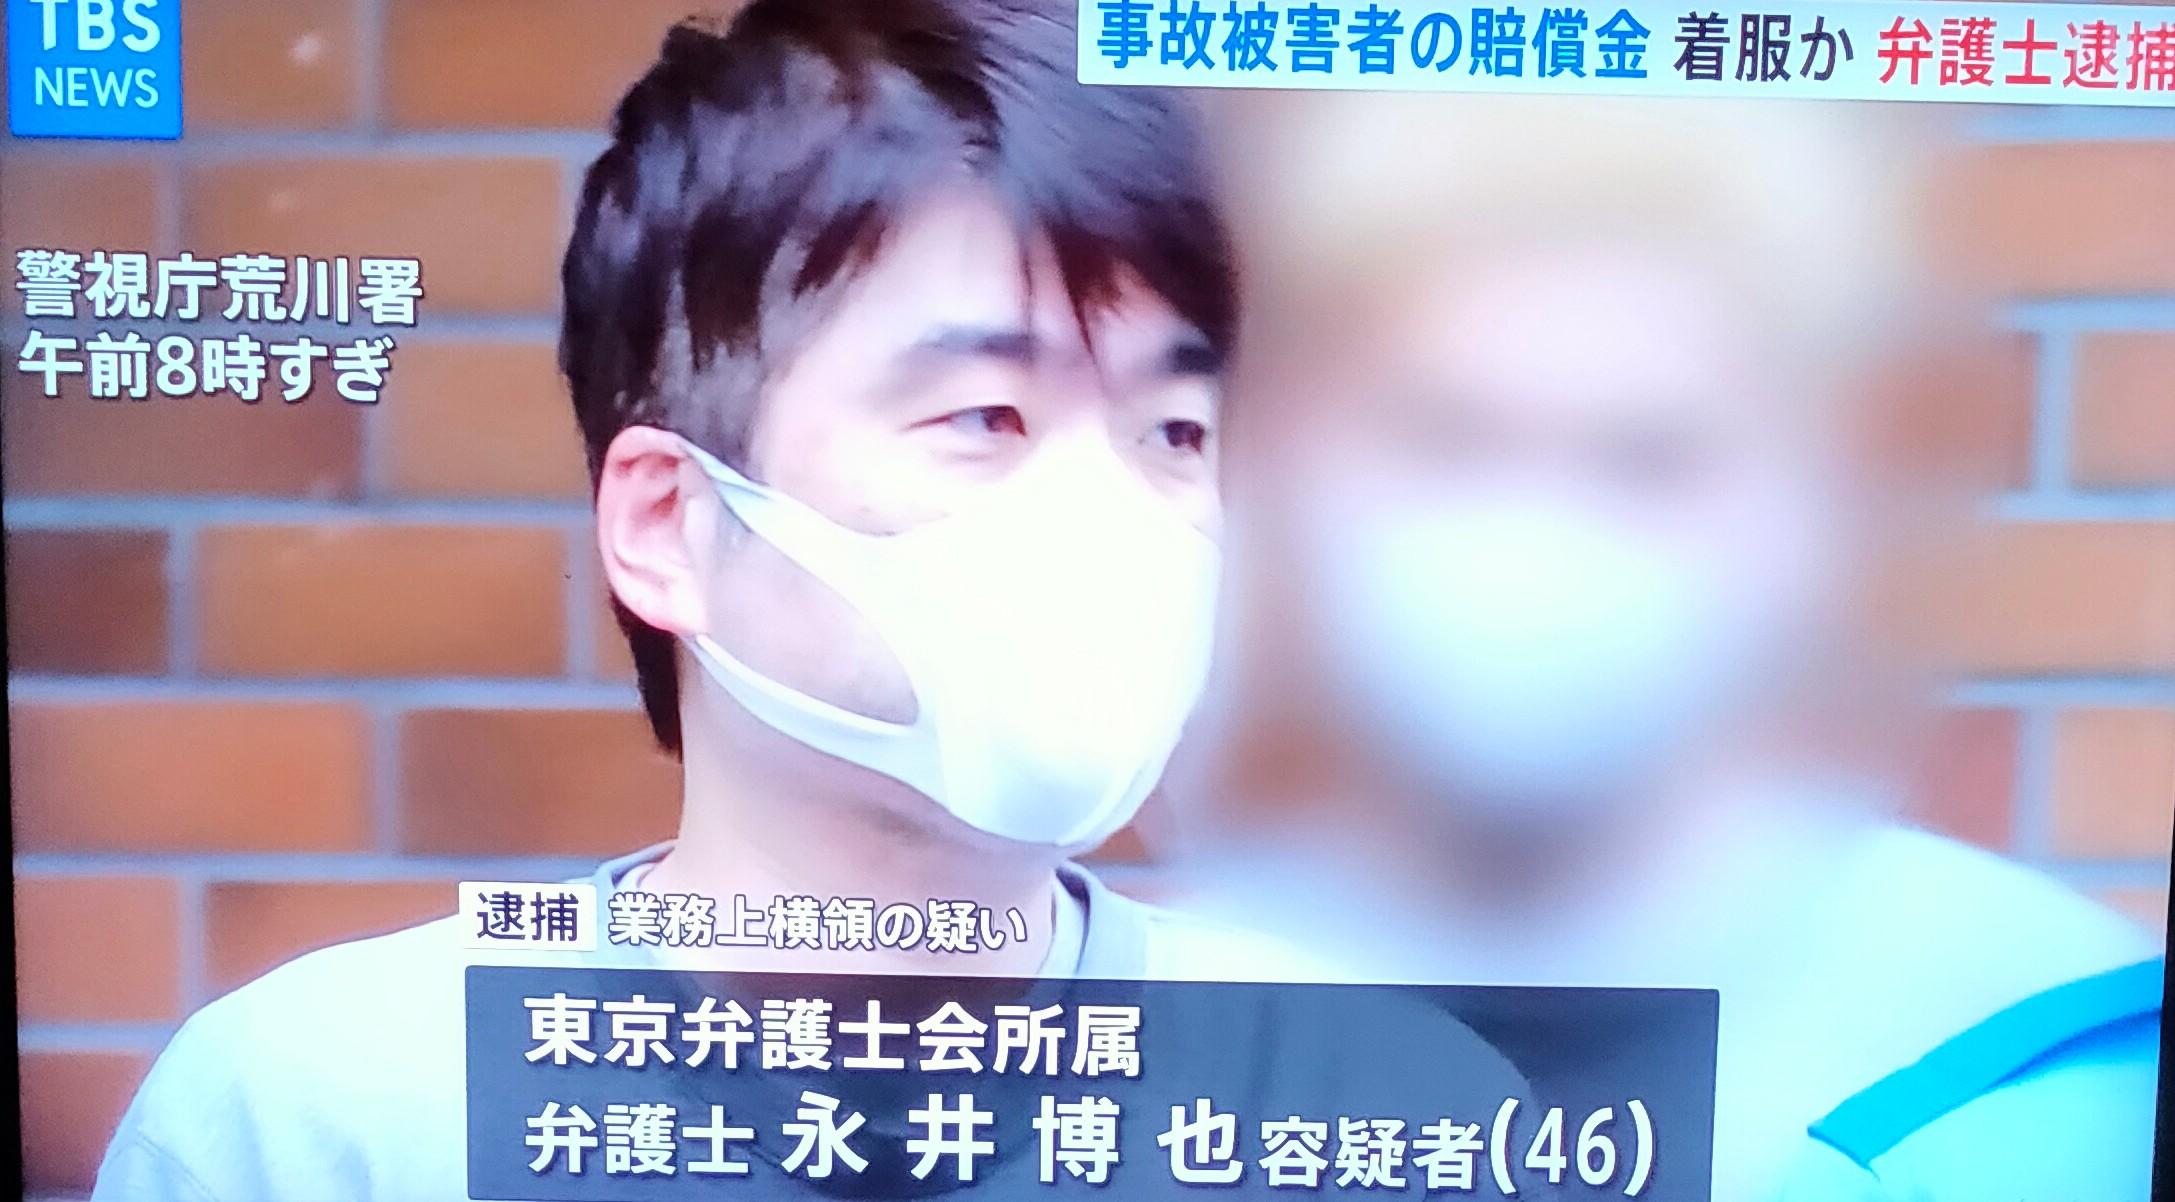 永井博也弁護士顔画像特定!大学は東大で高校やwiki経歴!事務所や家族の妻や子供!